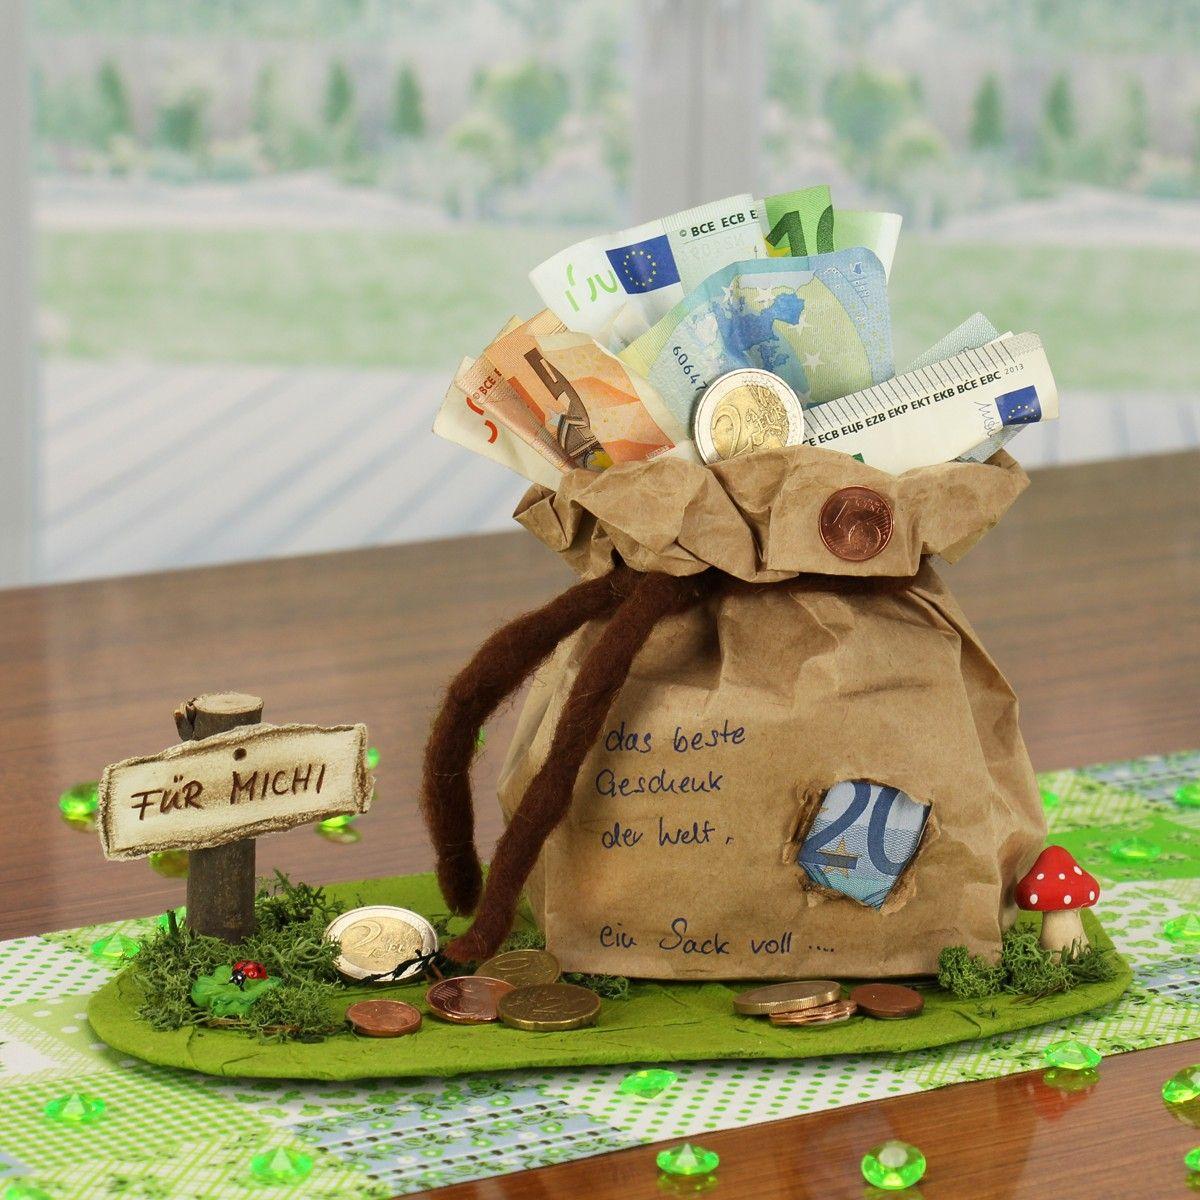 Geldgeschenke Geburtstag Selber Basteln Idee Von Trendmark Geldgeschenke Geburtstag Selber Basteln Geldgeschenke Geburtstag Basteln Geburtstag Selber Basteln